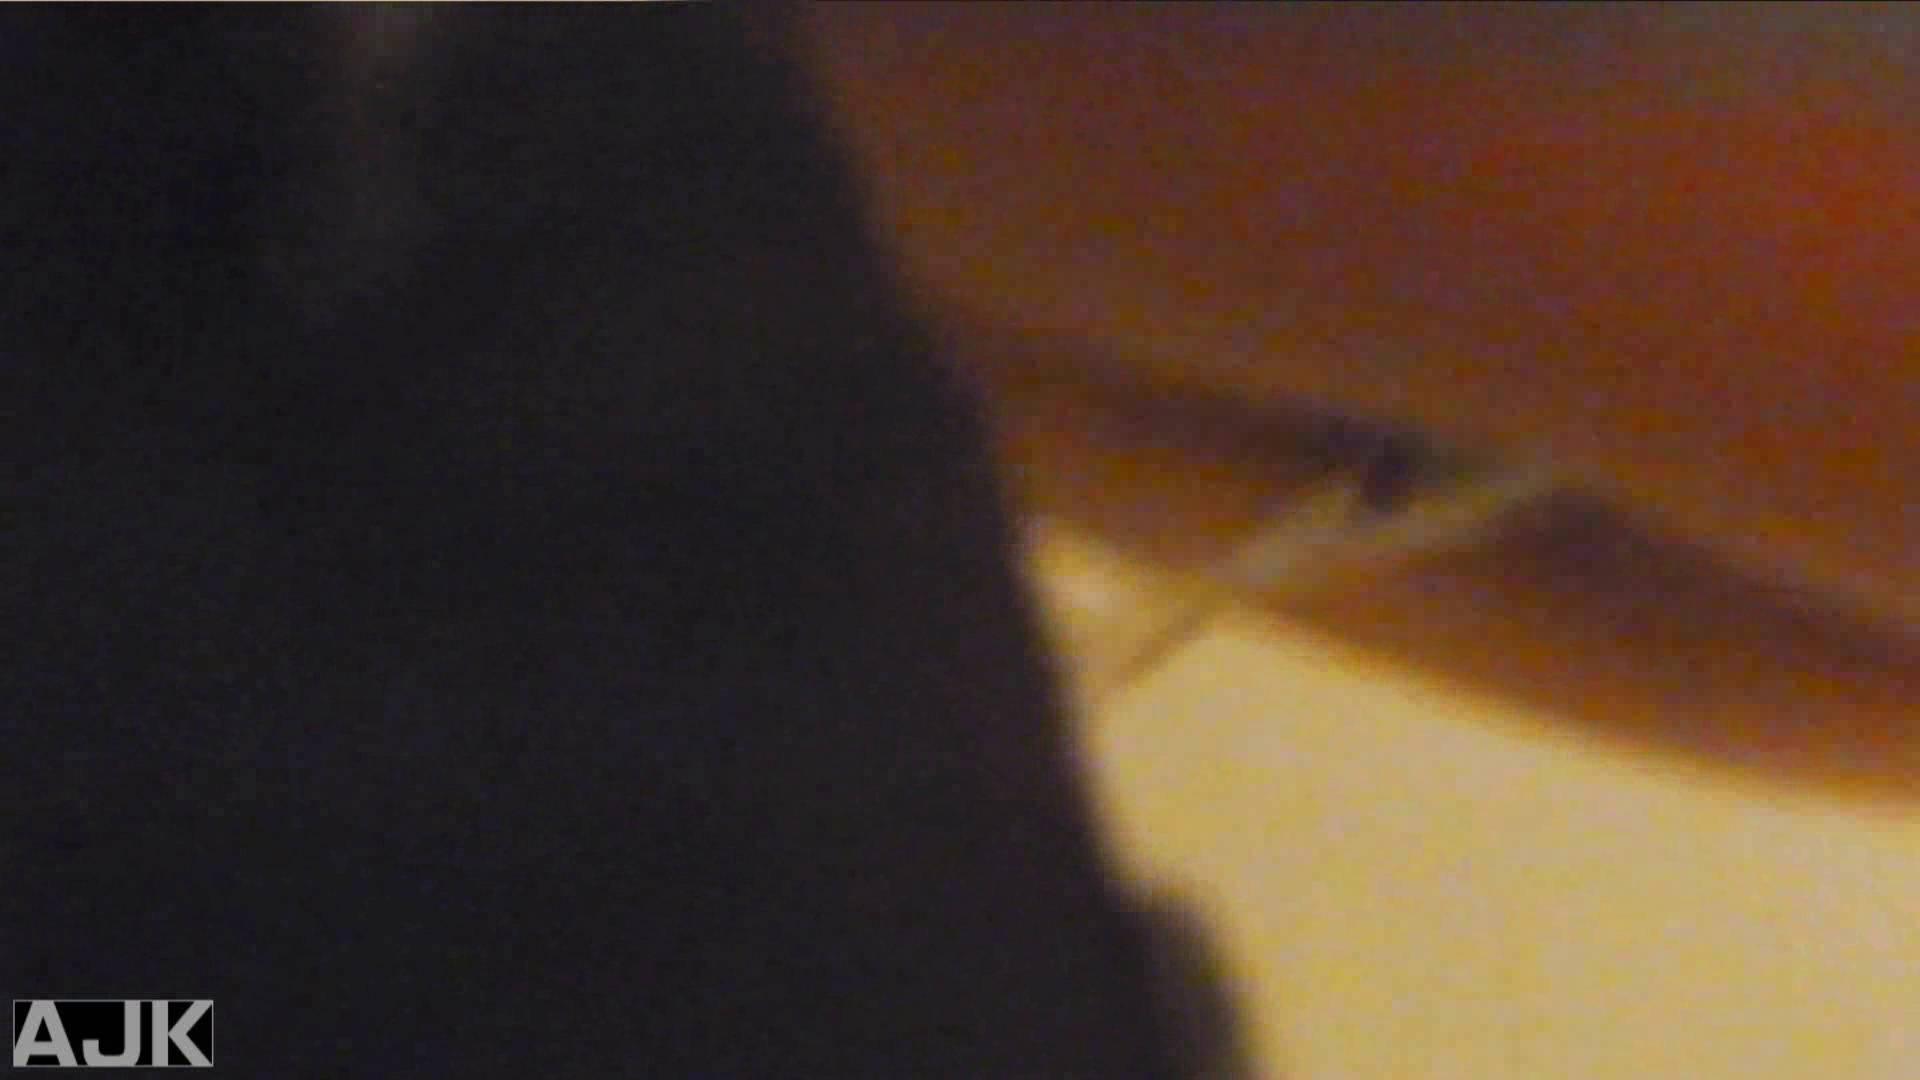 神降臨!史上最強の潜入かわや! vol.02 マンコエロすぎ われめAV動画紹介 90PIX 56